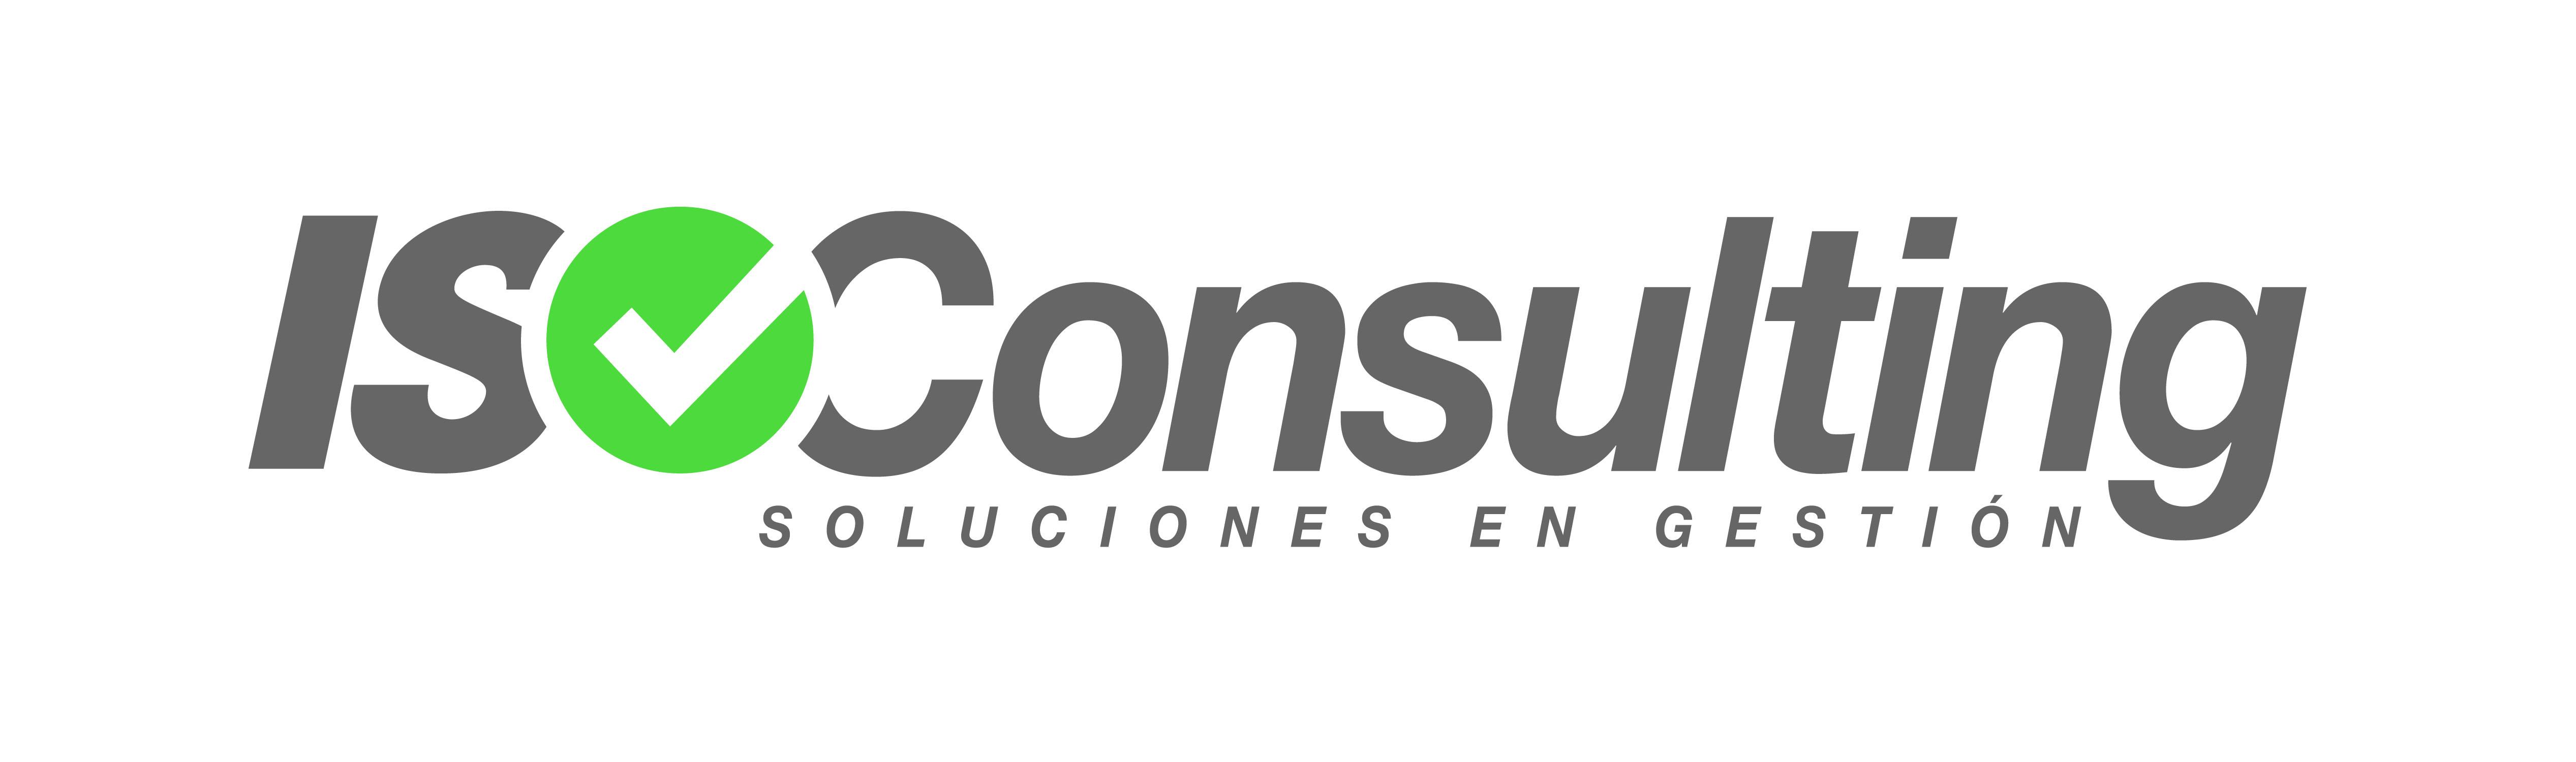 Empresas Desafio10x: Isoconsulting Ltda.